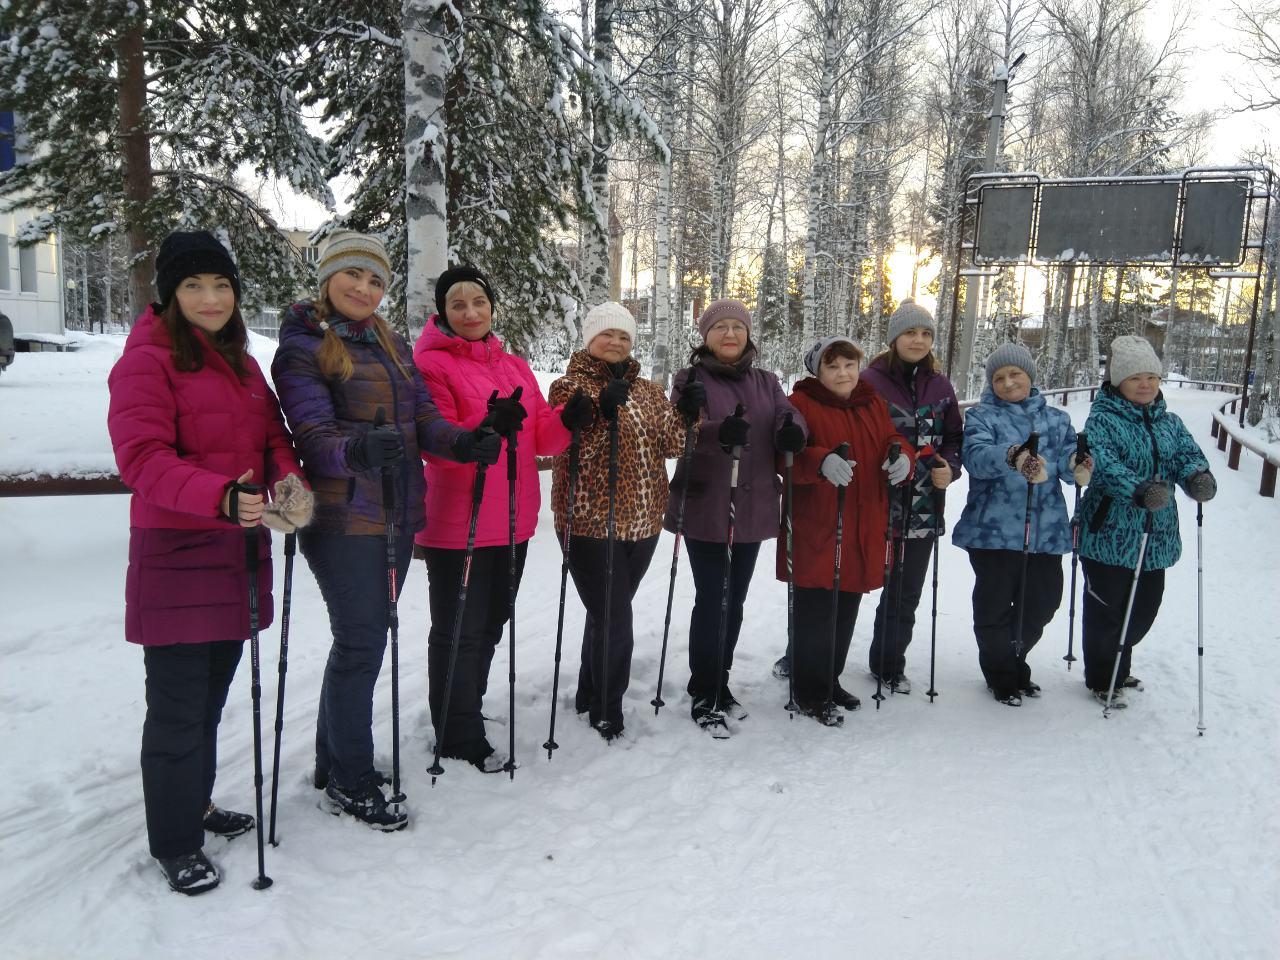 7 декабря на лыжероллерной трассе МАУ ФОК «Олимп» состоялся мастер-класс по скандинавской ходьбе для всех категорий, в том числе для лиц с ОВЗ